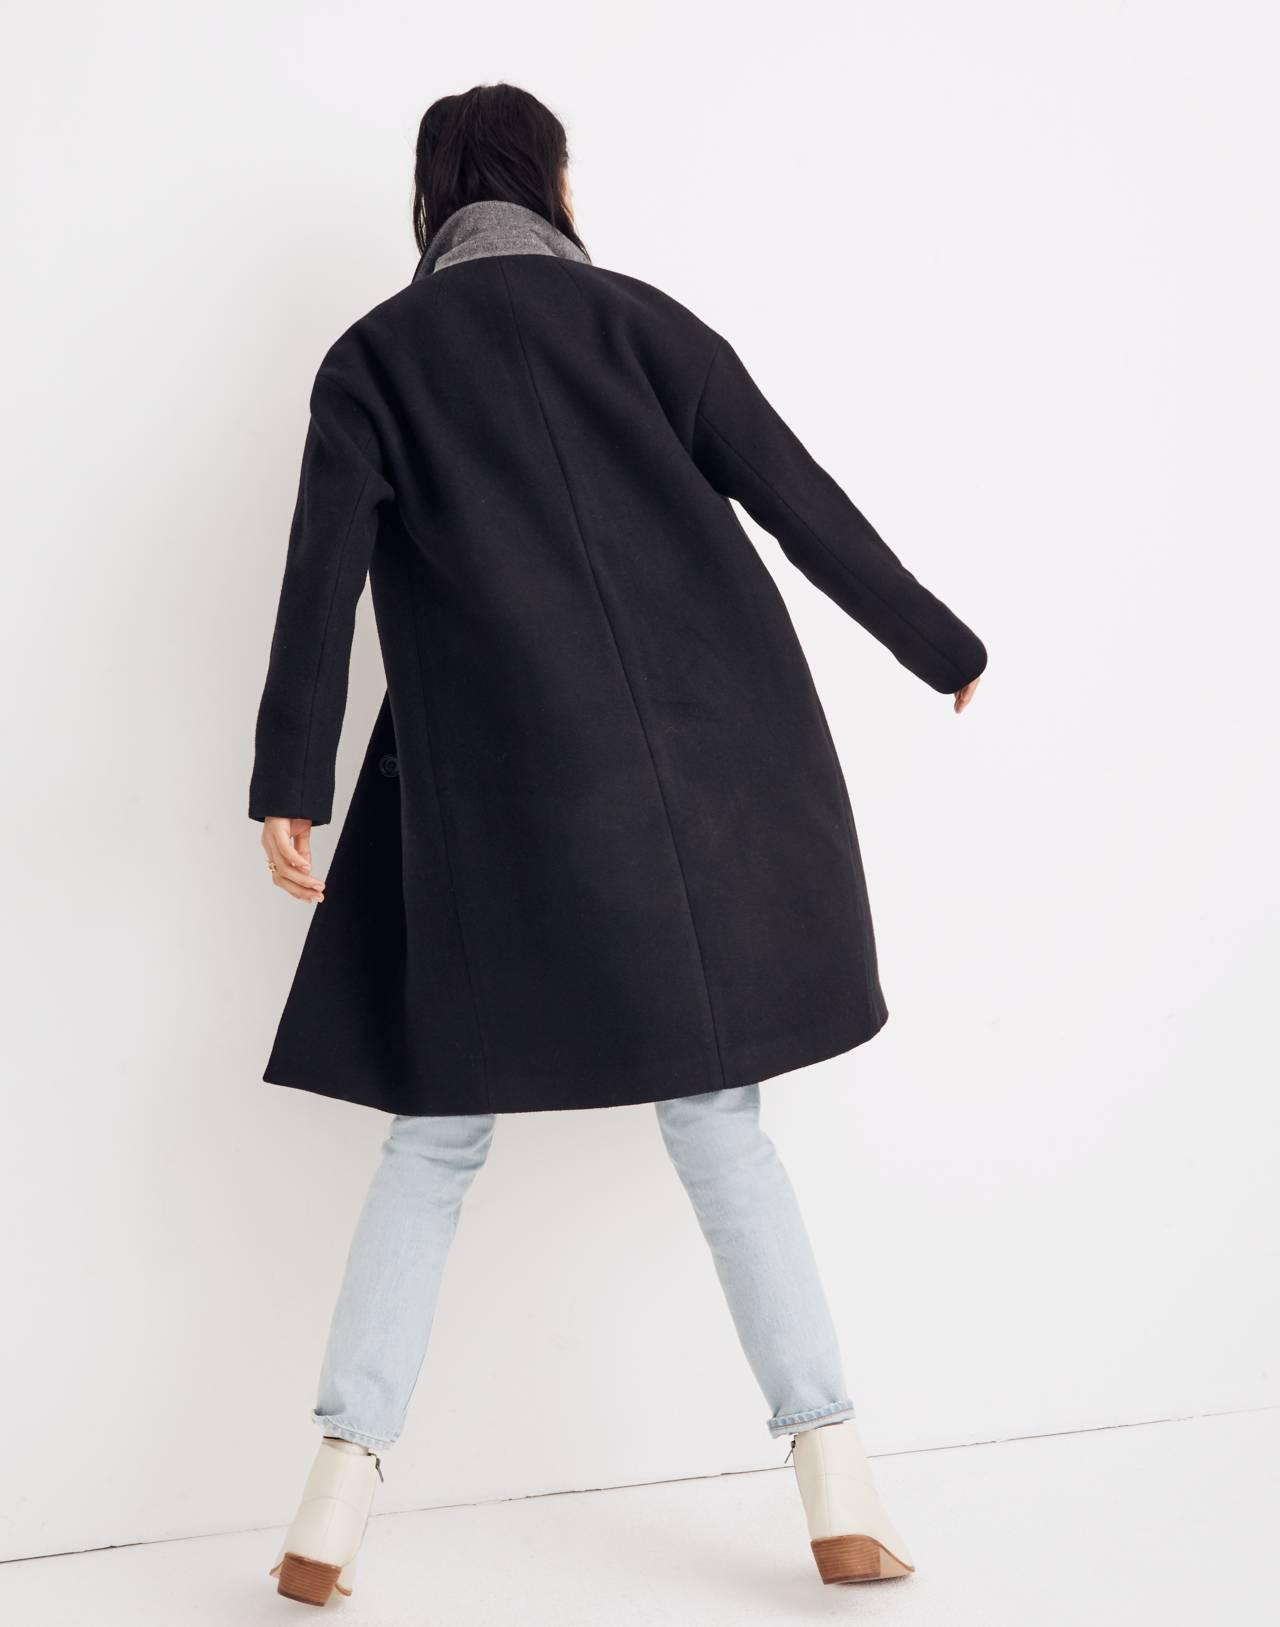 Bergen Cocoon Coat in true black image 3